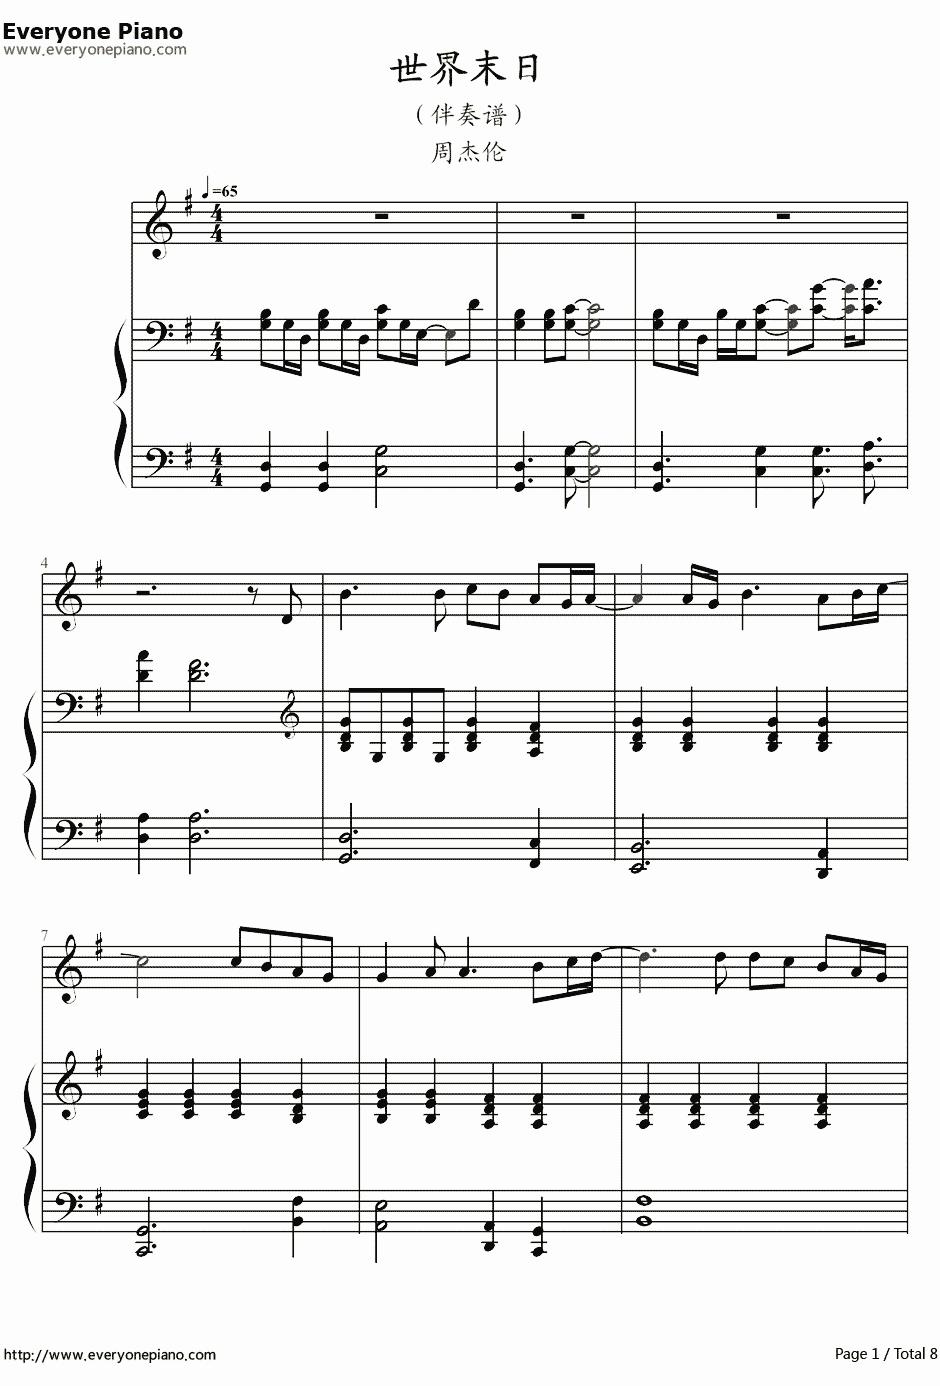 世界末日鋼琴譜_周杰倫_鋼琴伴奏-明明簡譜網